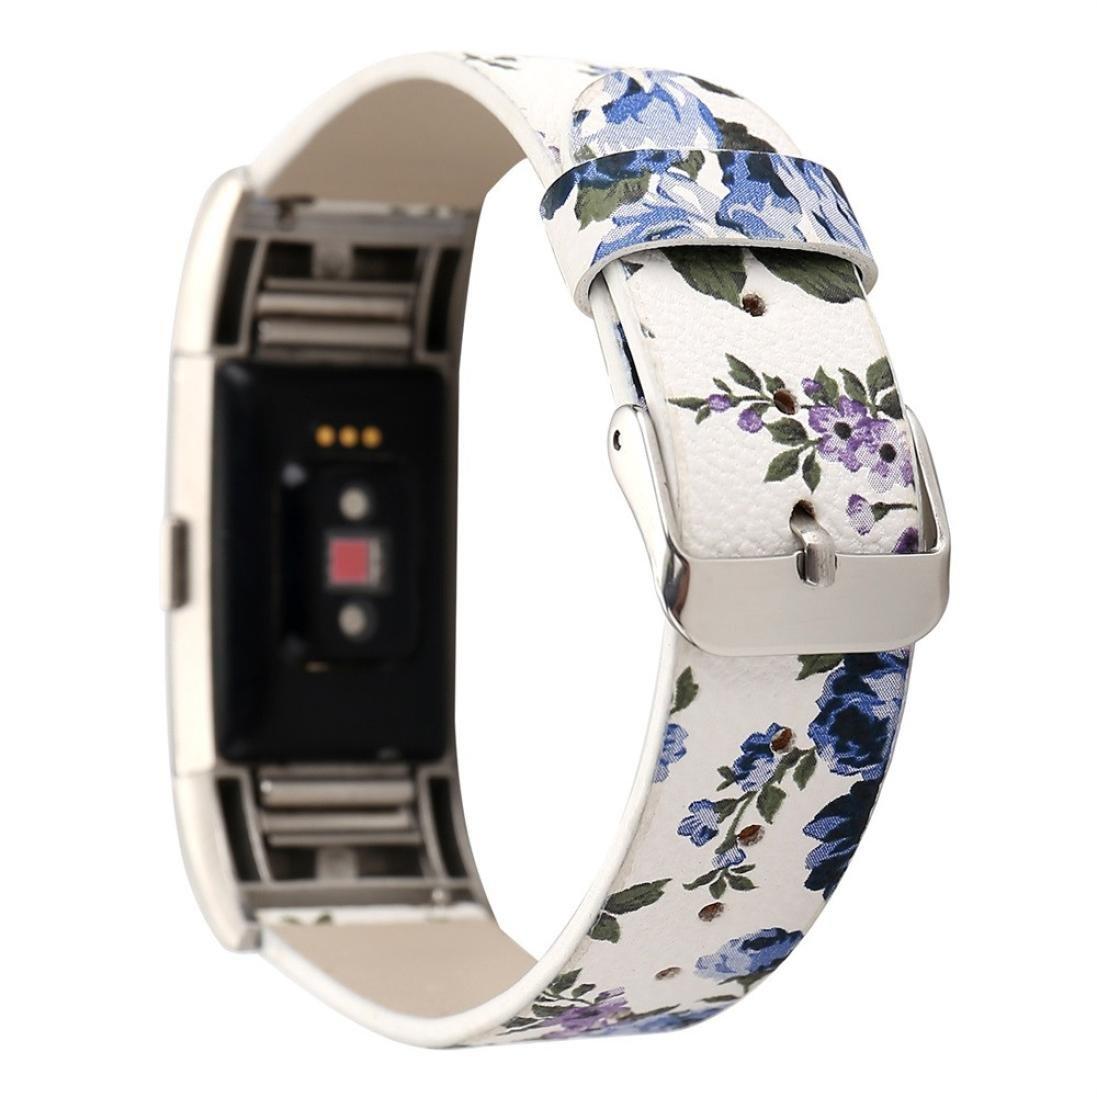 Malloomフローラルパターンレザー腕時計バンド交換用ストラップブレスレットfor Fitbit Charge 2  E B075RVY4WL